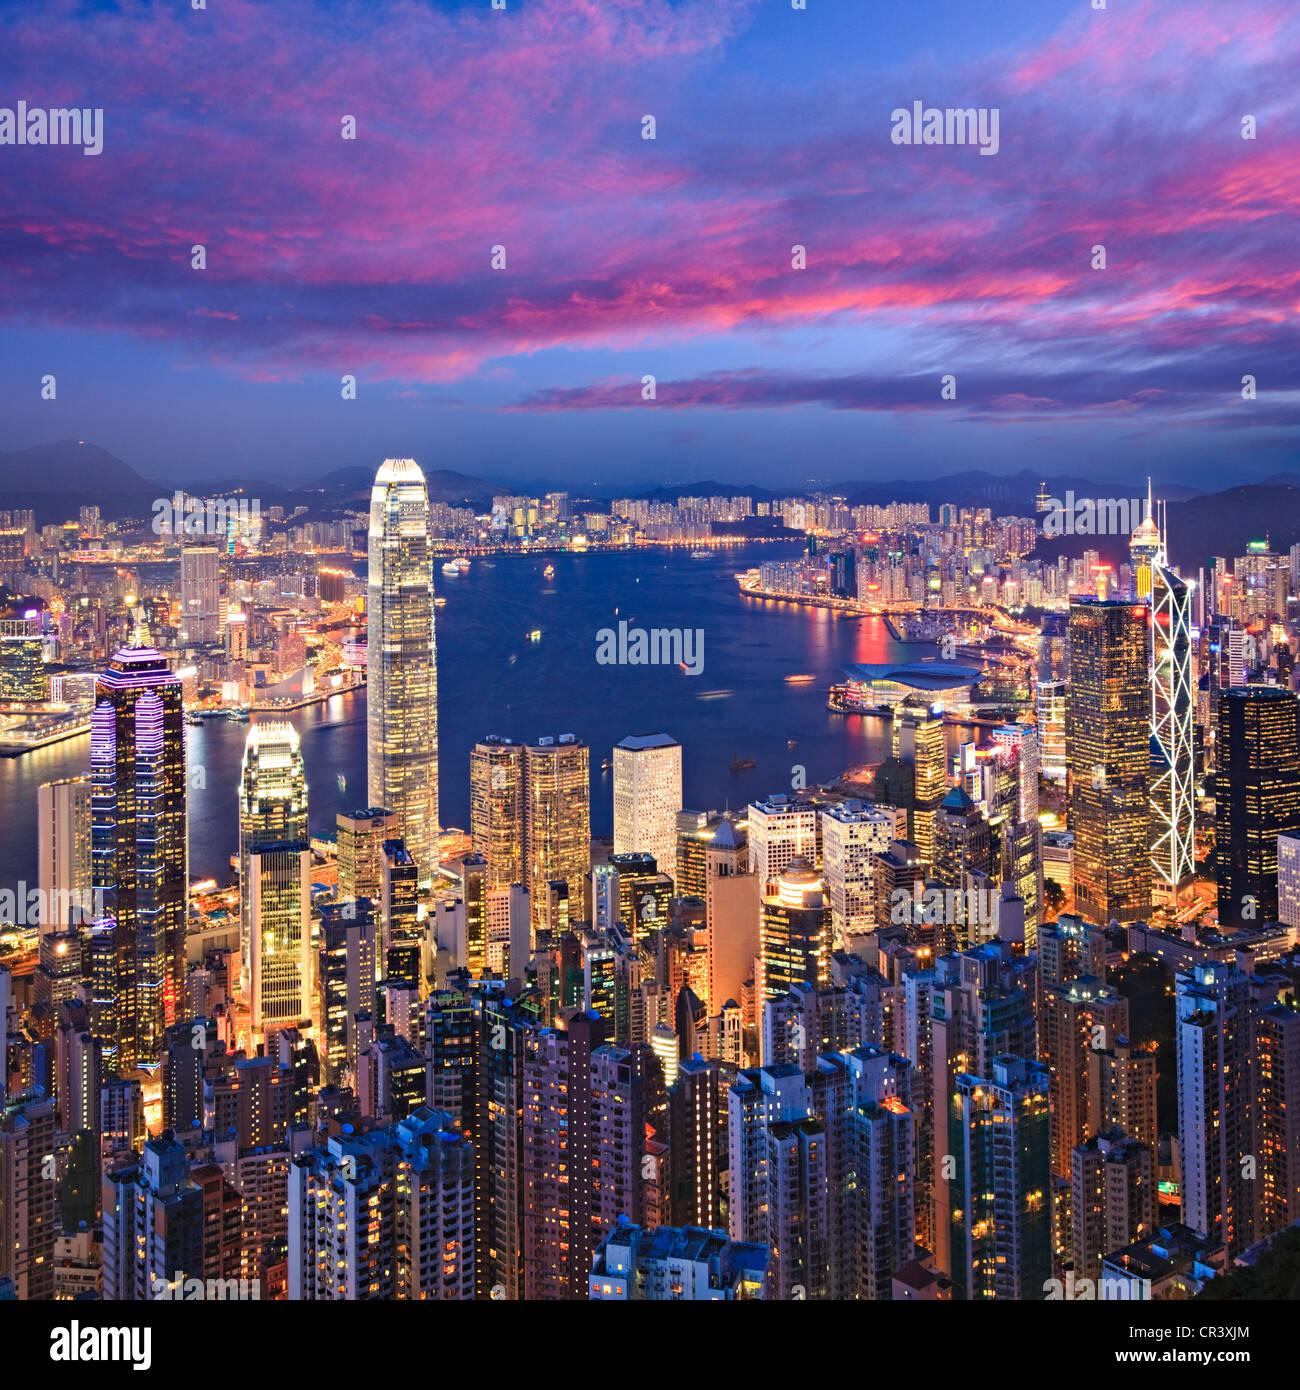 Skyline di Hong Kong illuminata di crepuscolo, formato quadrato. Immagini Stock